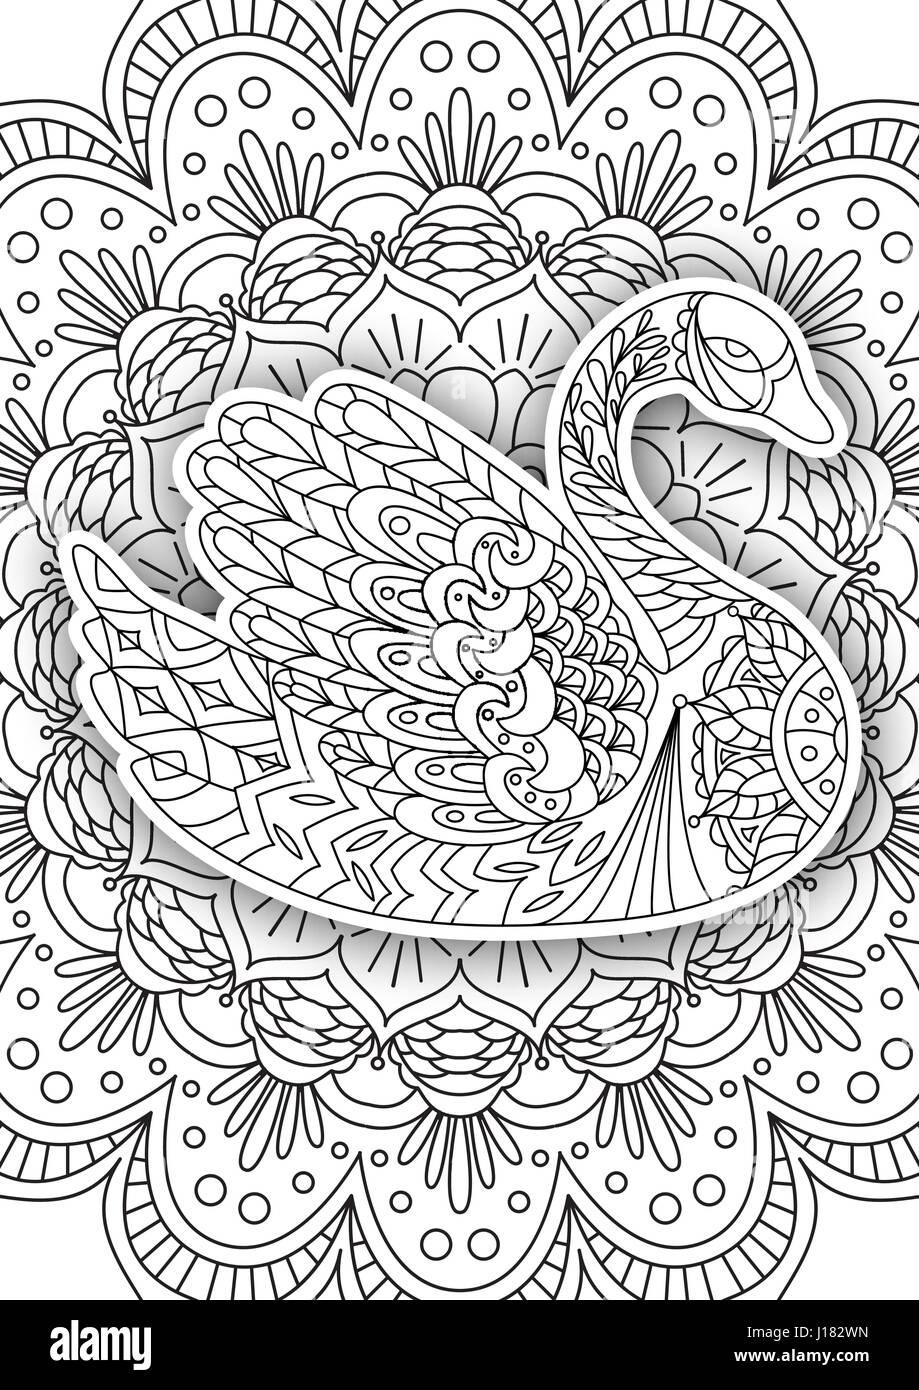 Libro para colorear para imprimir la página para adultos - diseño ...